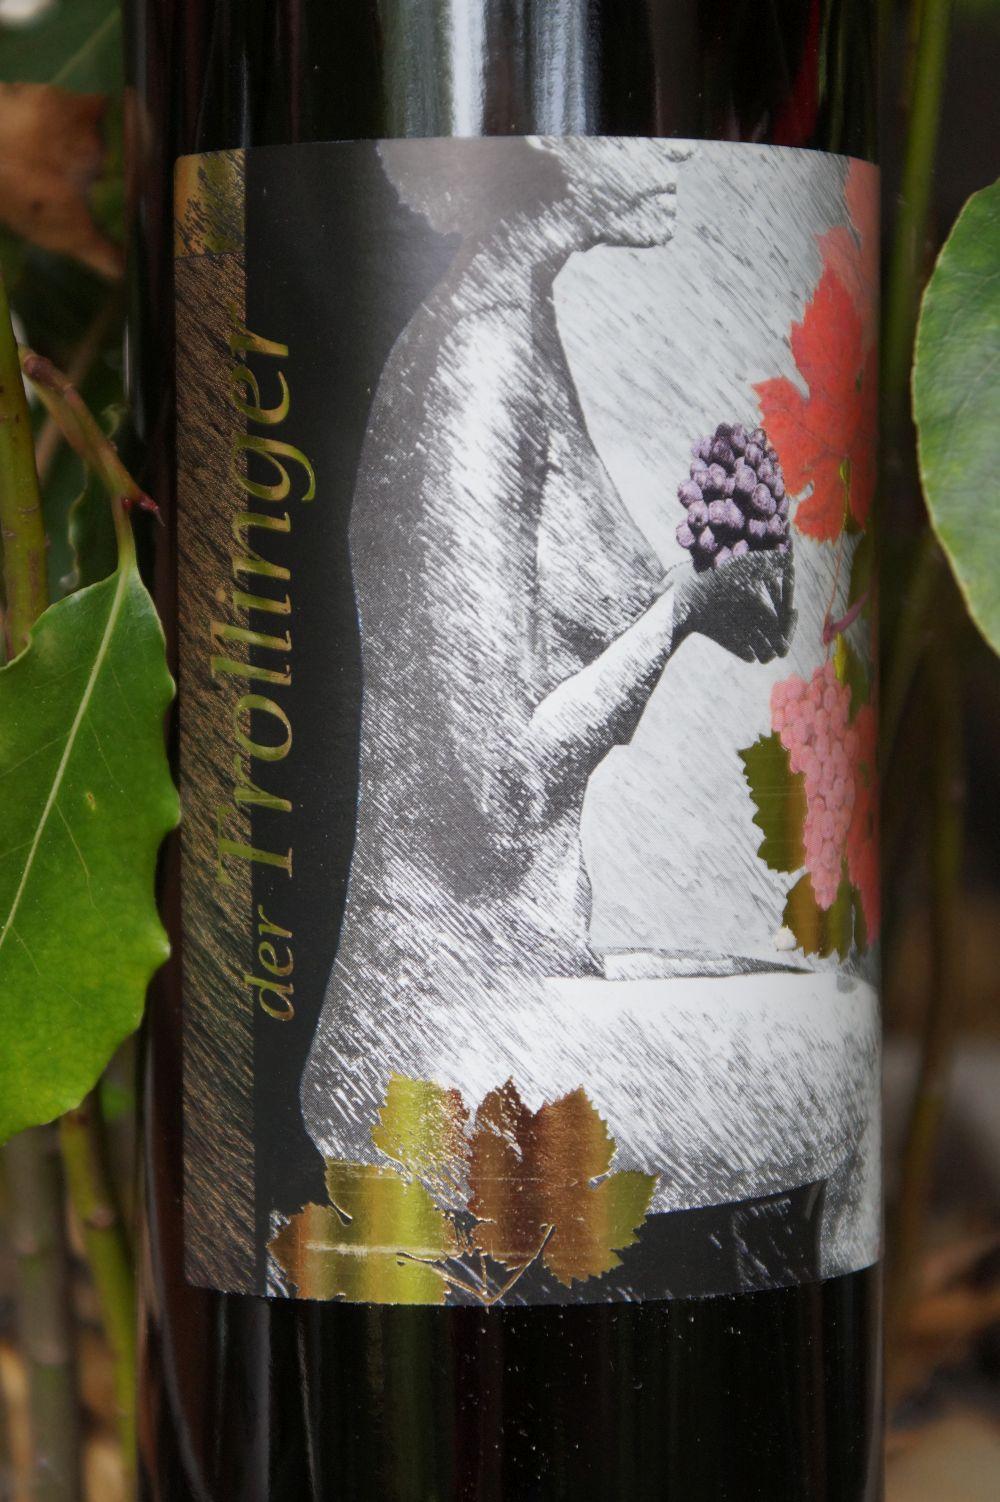 Trollinger aus Evas Hand - Weingut Golter